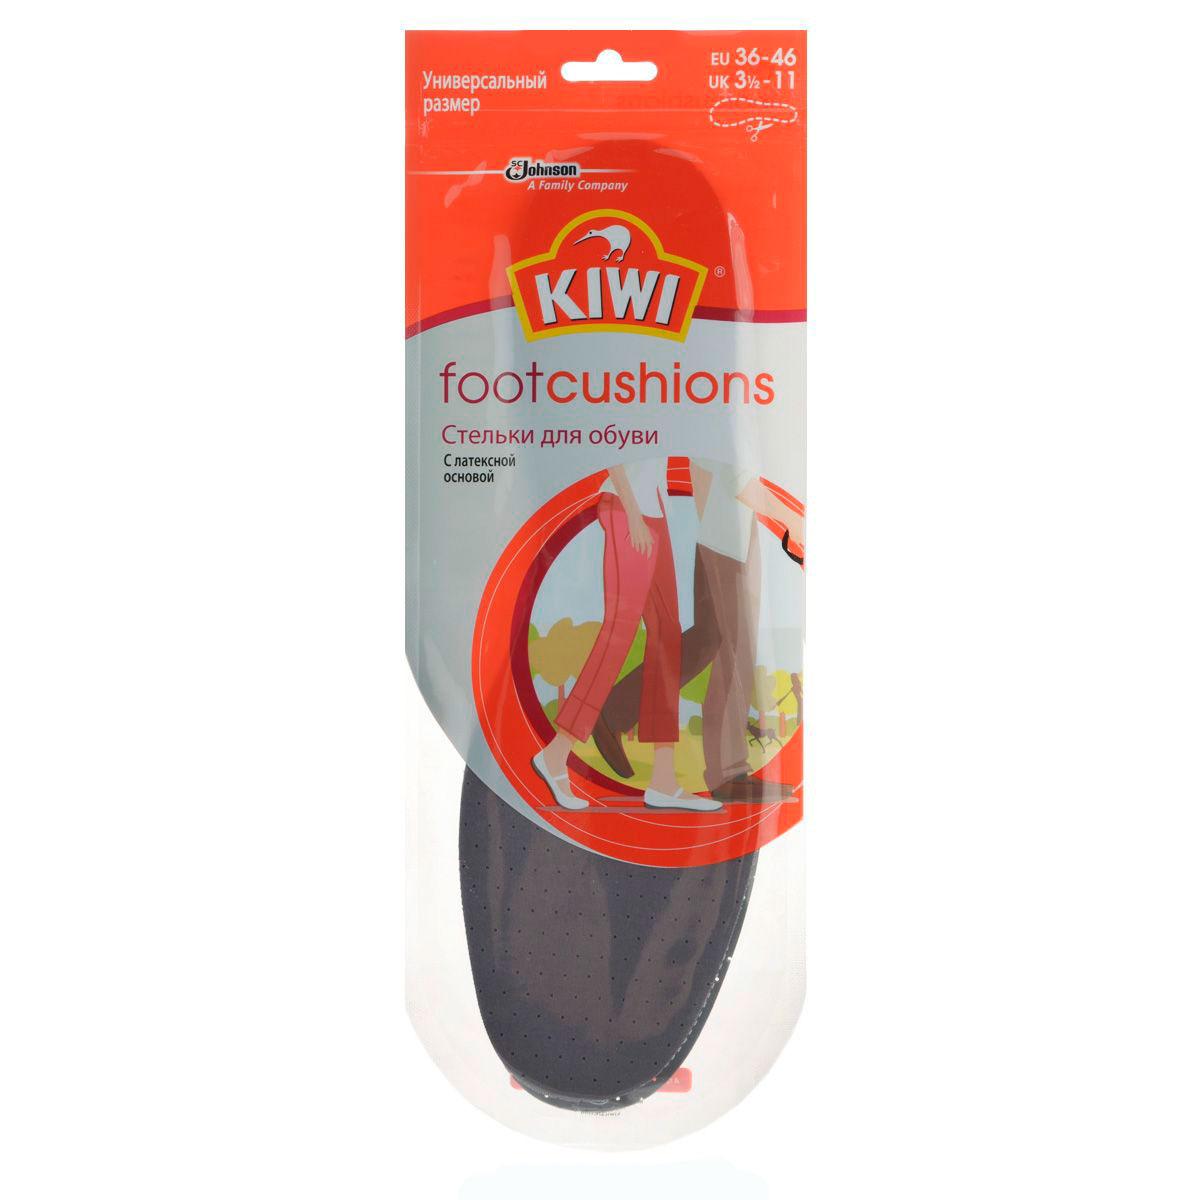 Стельки Kiwi с латексной основой footcushiouns<br>